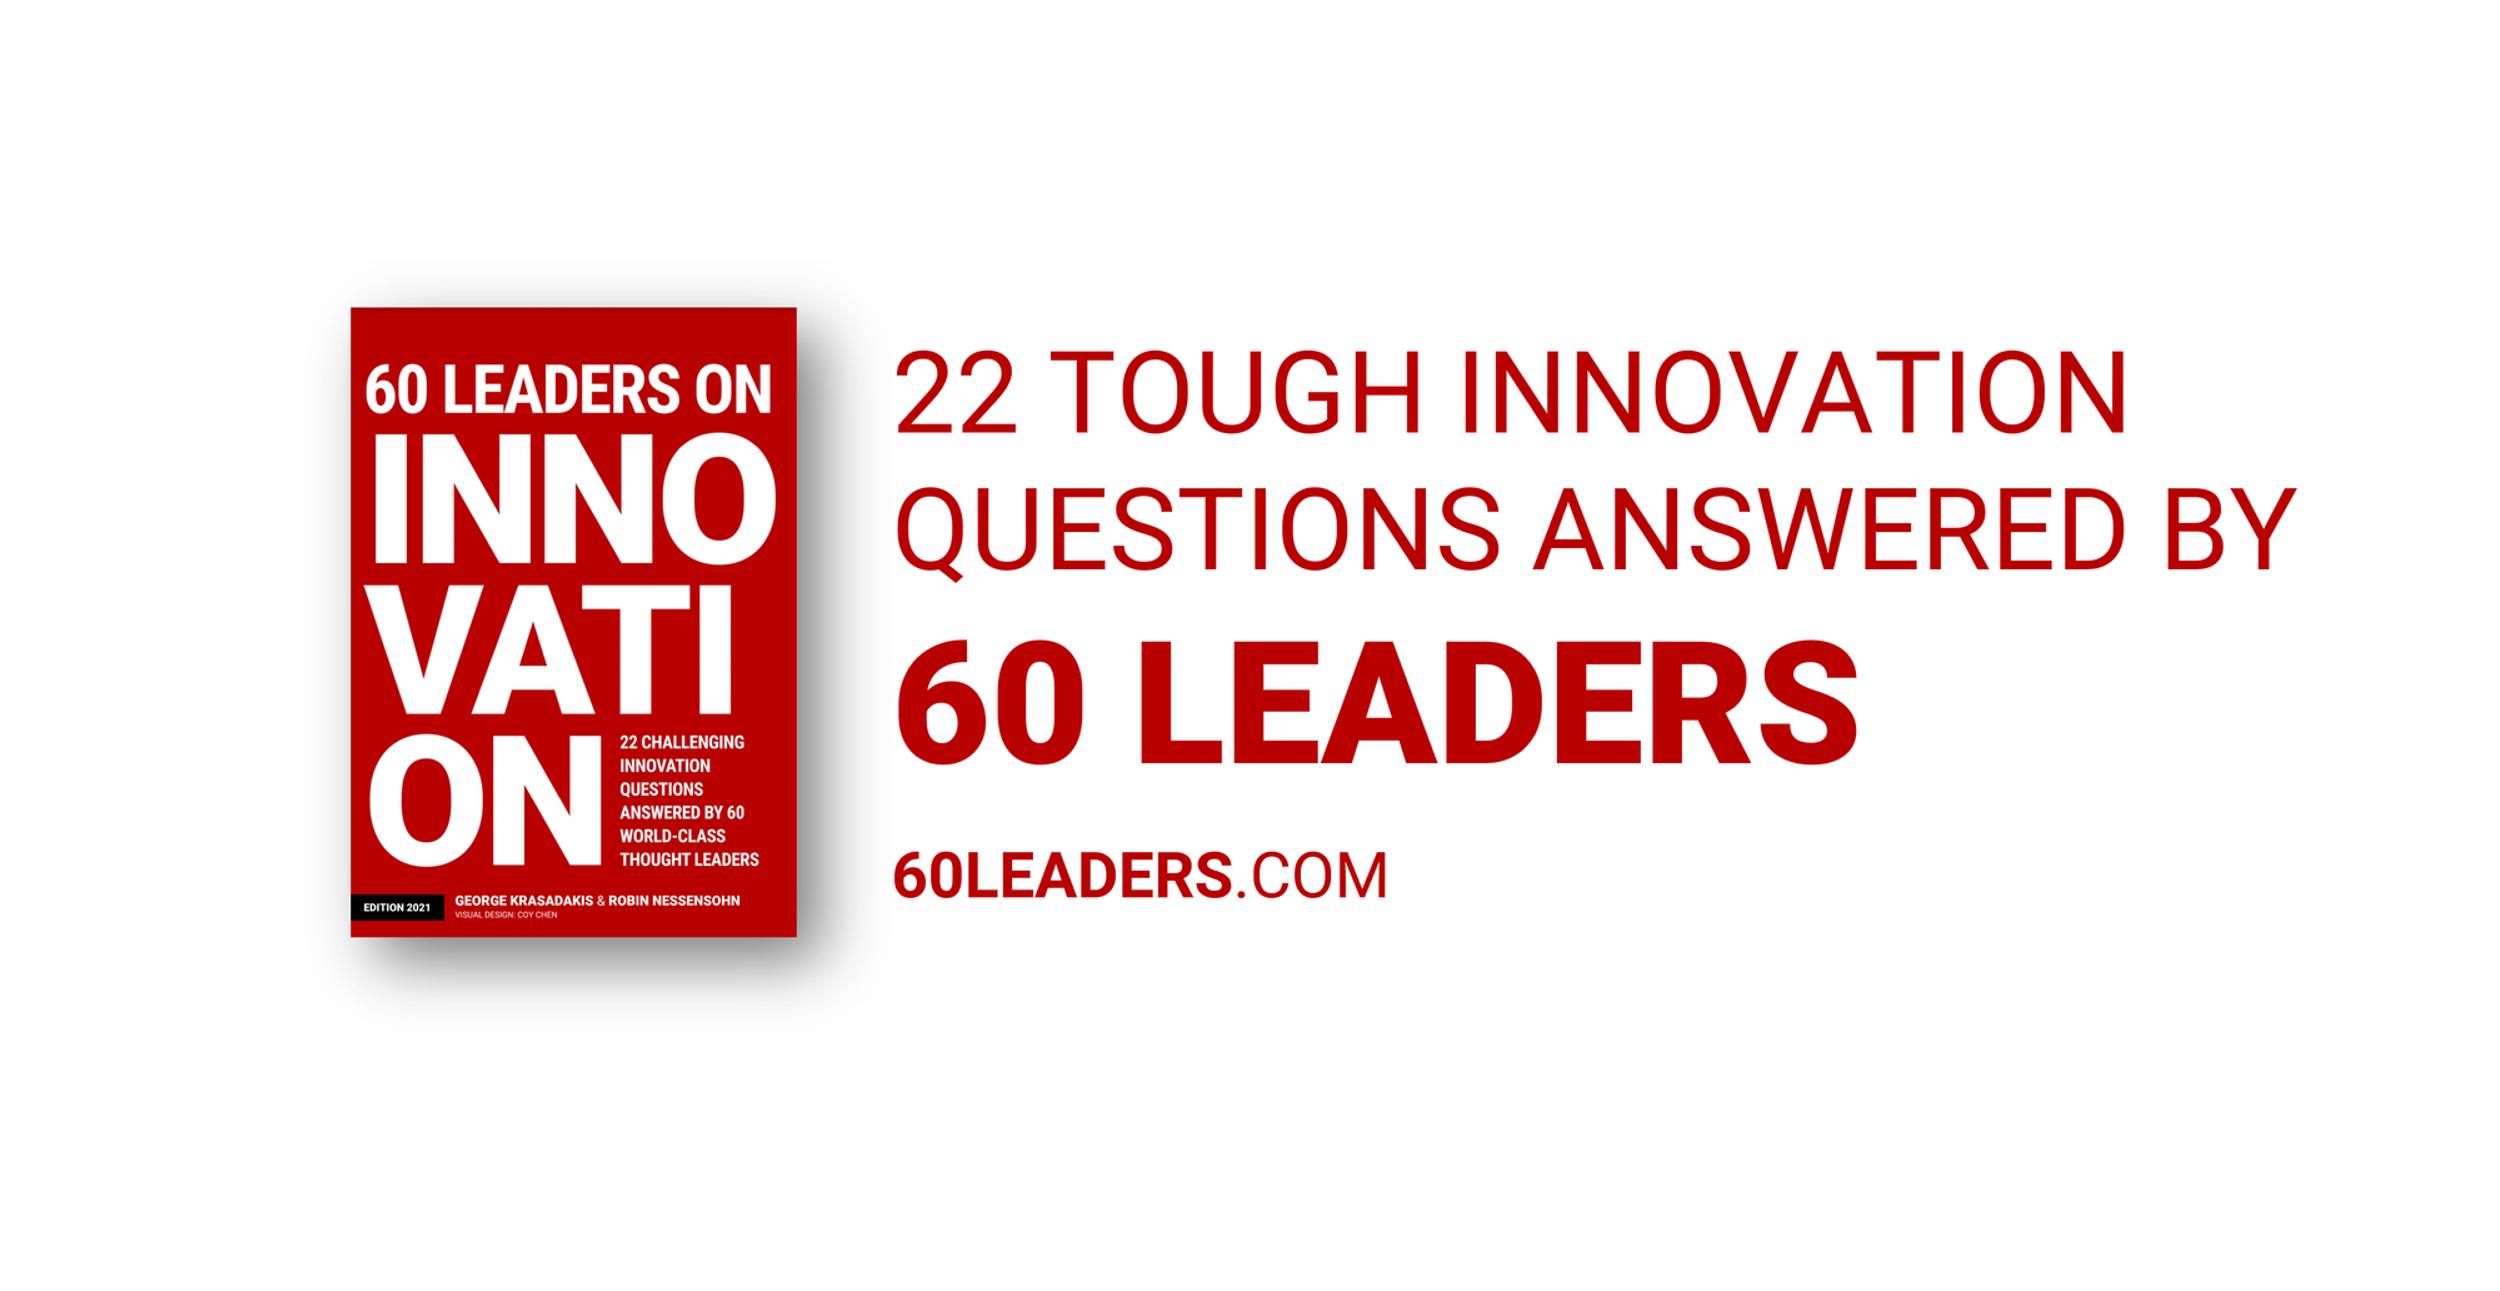 60 Leaders on Innovation